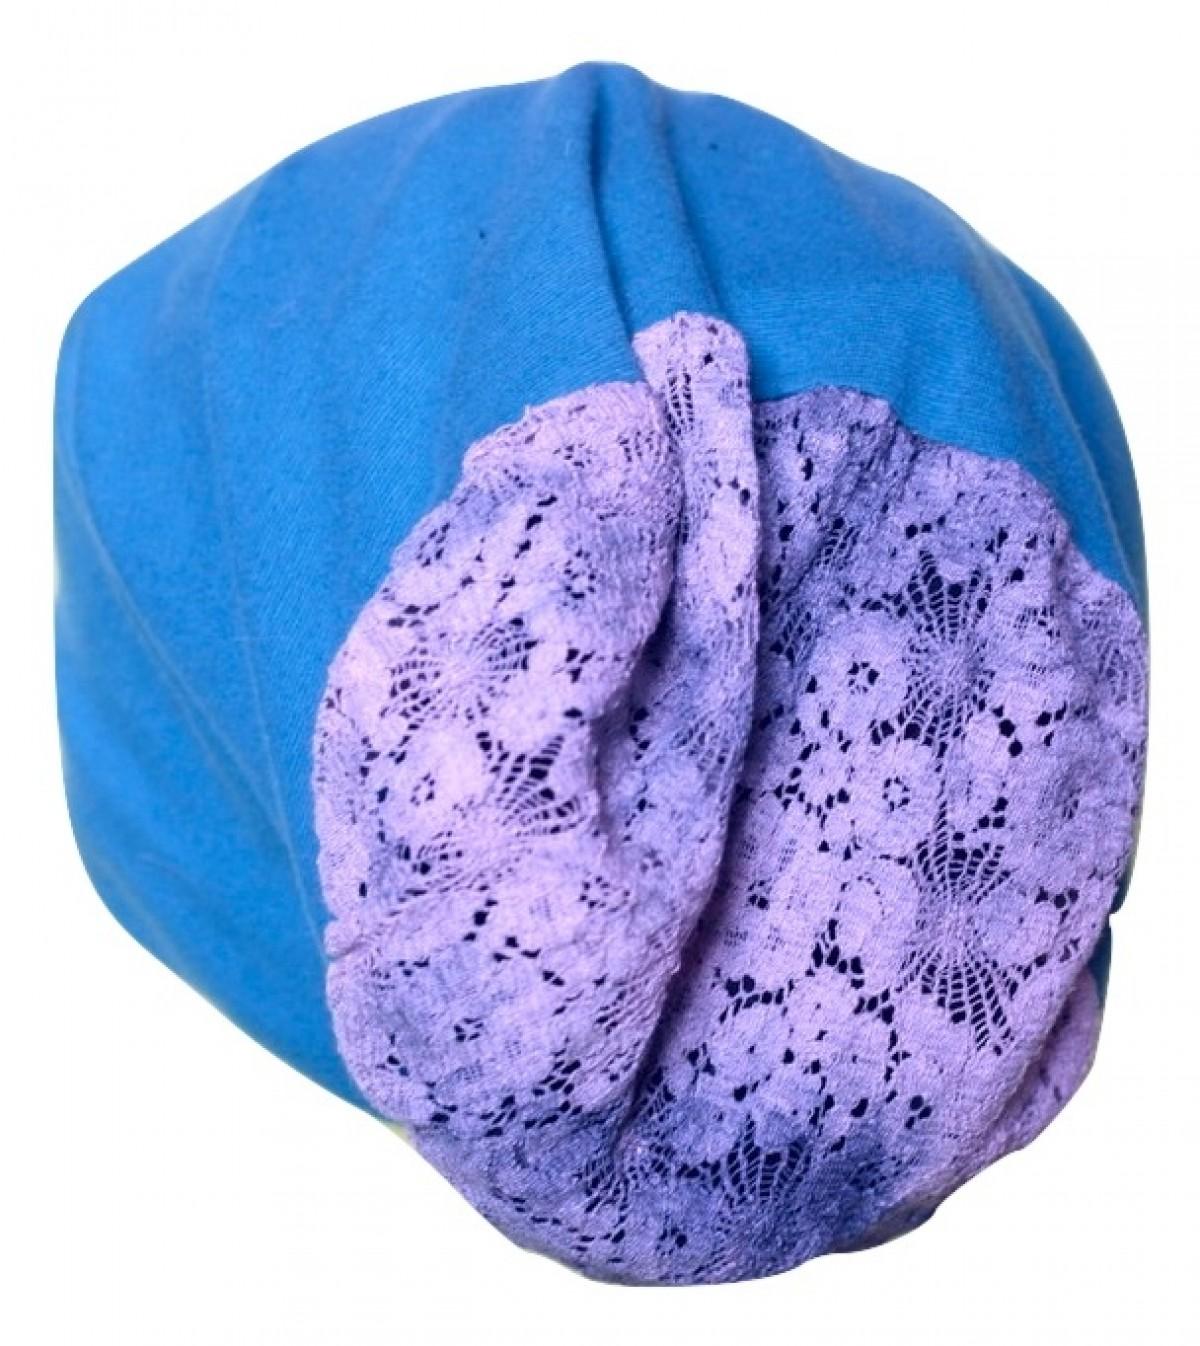 czapka handmade umysłowa biegunka po zbyt wielu trunkach X1